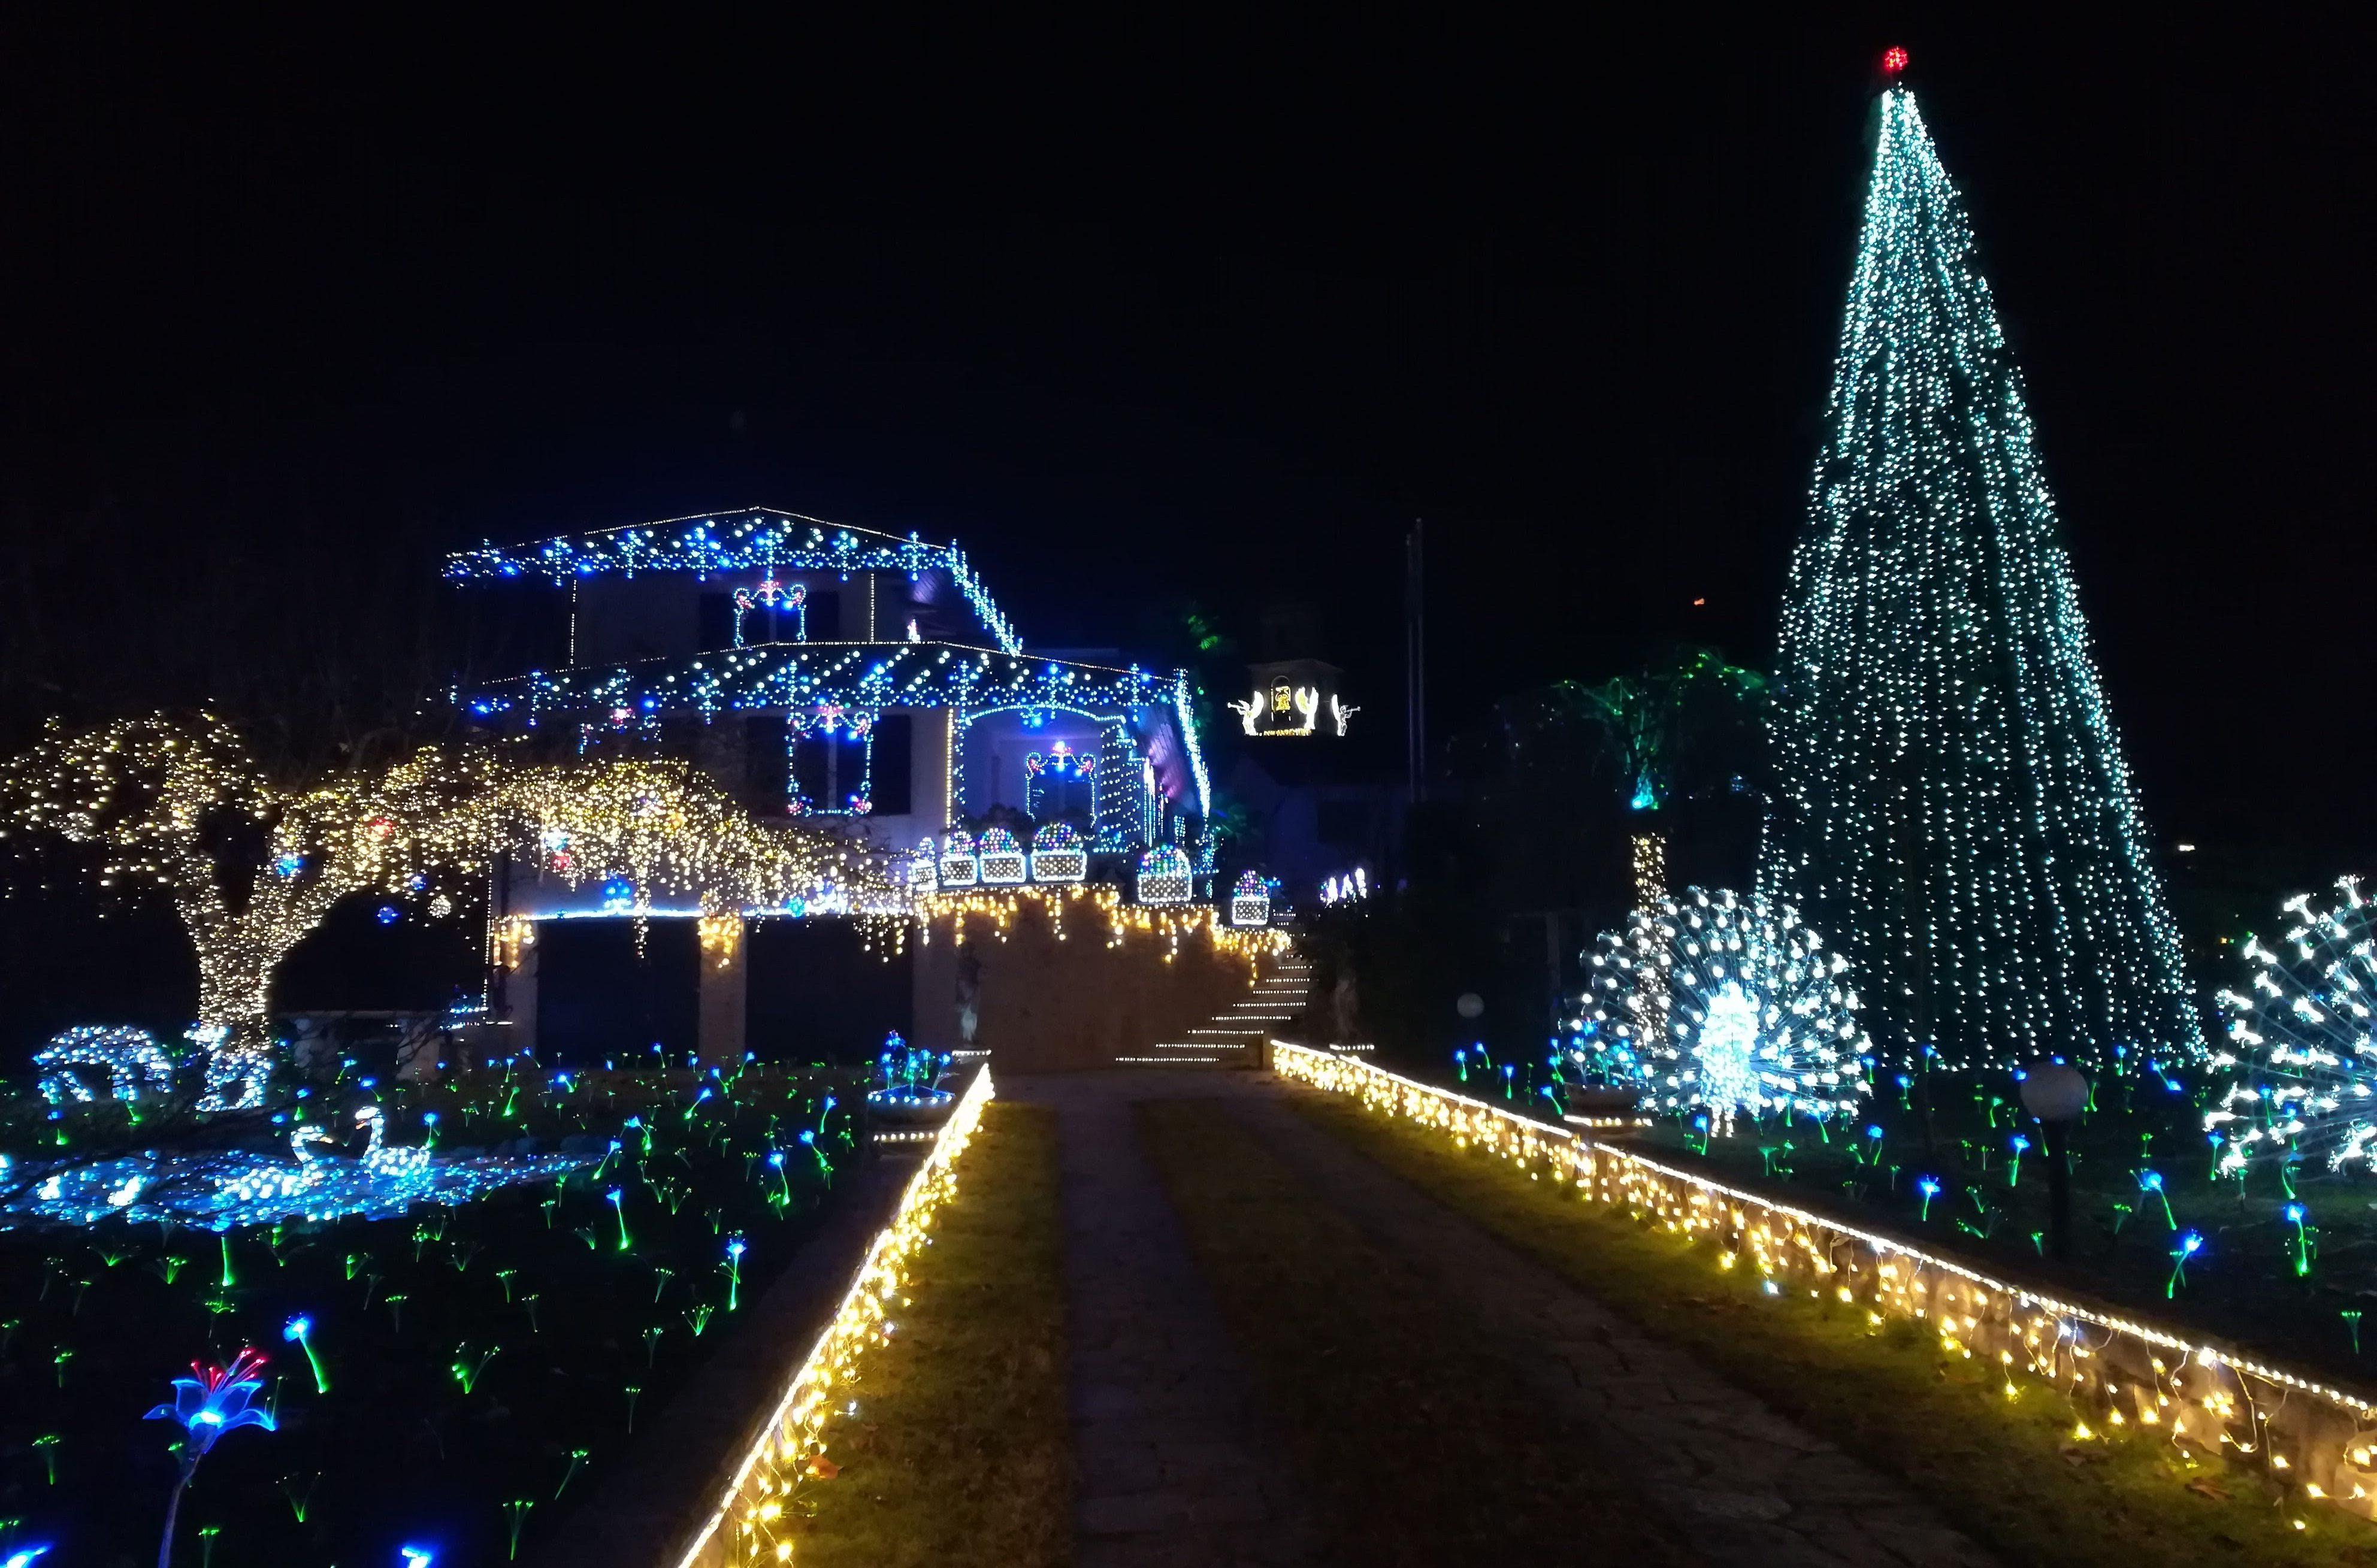 Lucine casa illuminata